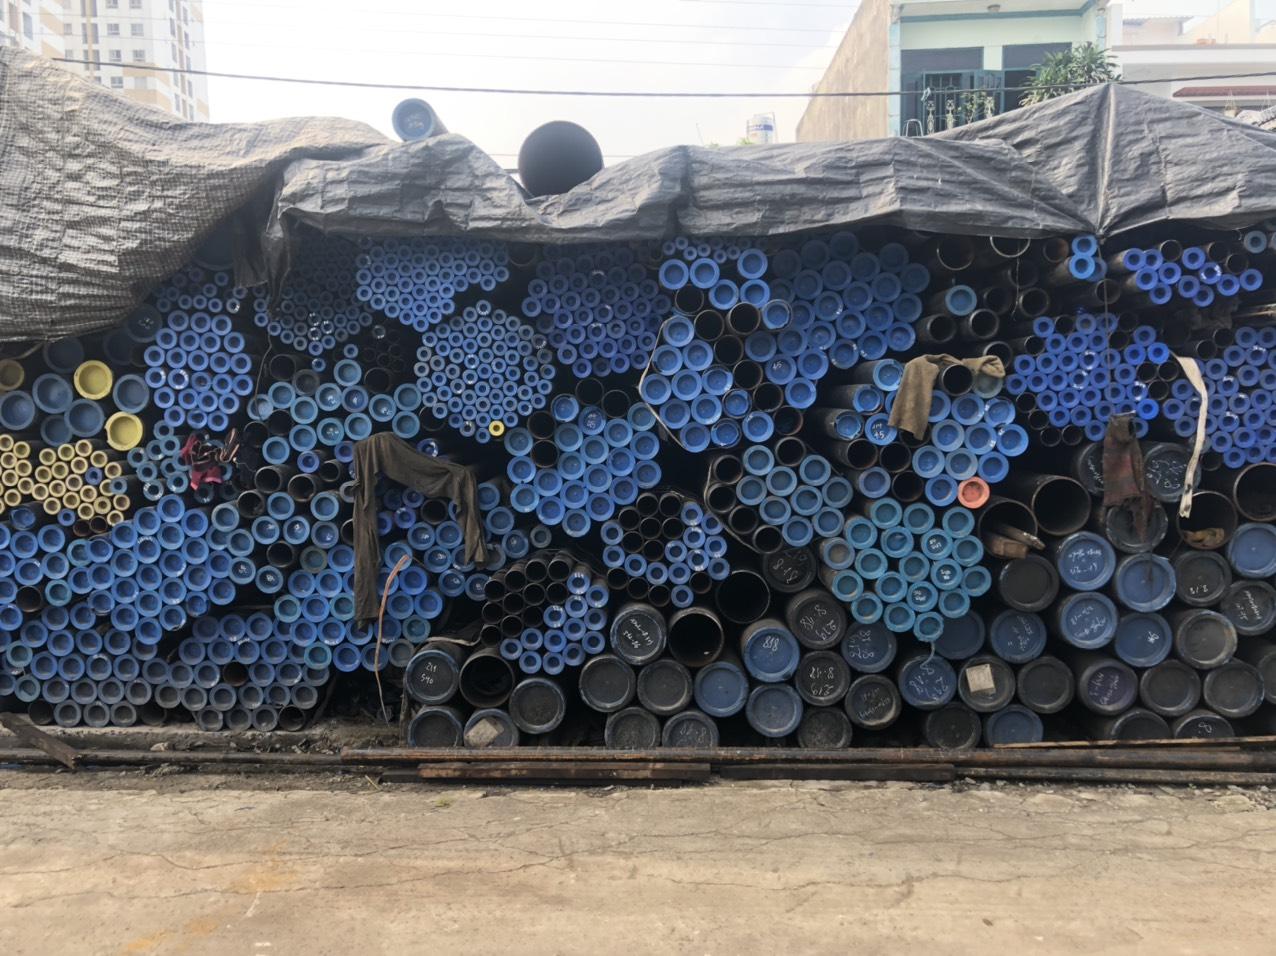 Cập nhật giá sắt thép xây dựng mới nhất tại Tphcm năm 2020